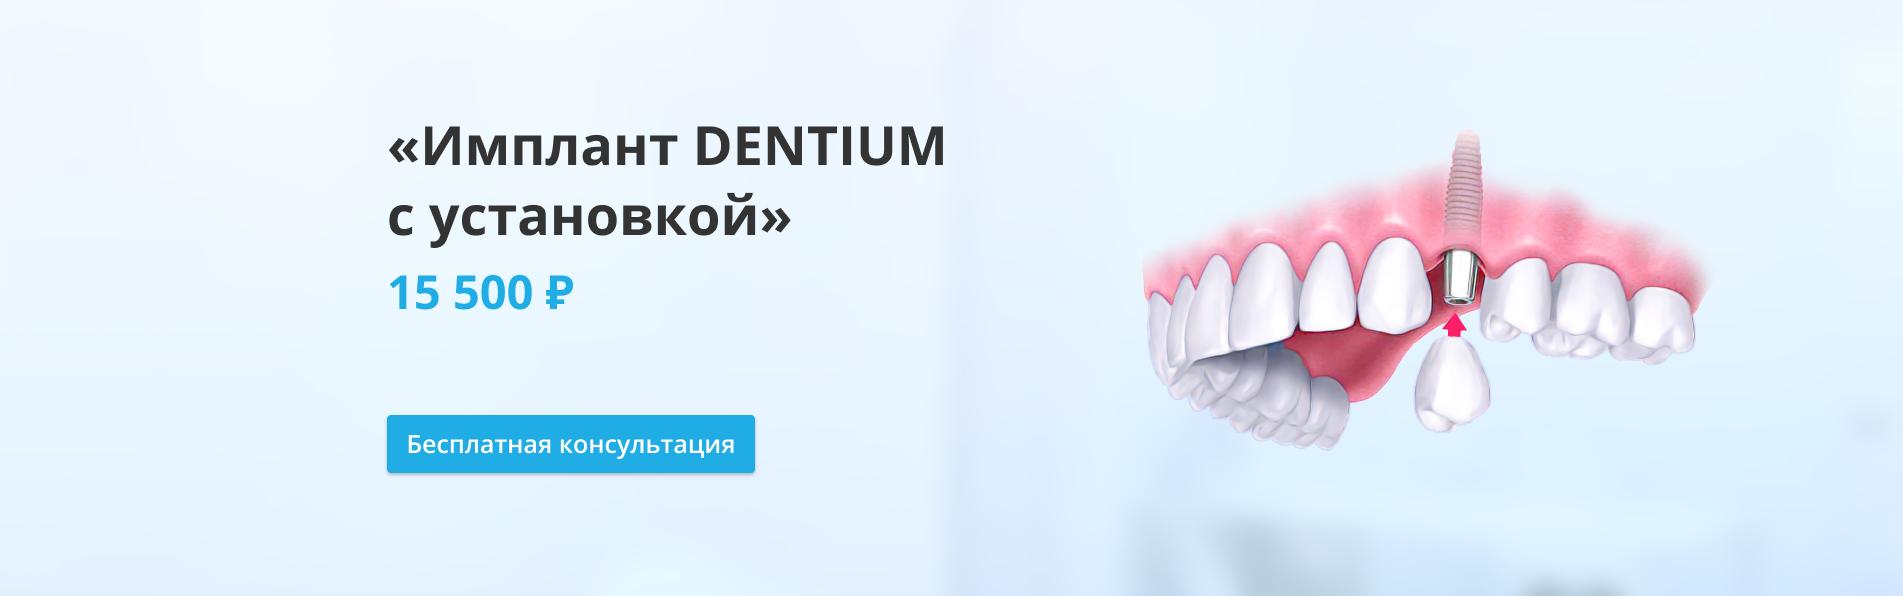 Имплант Дентиум с установкой